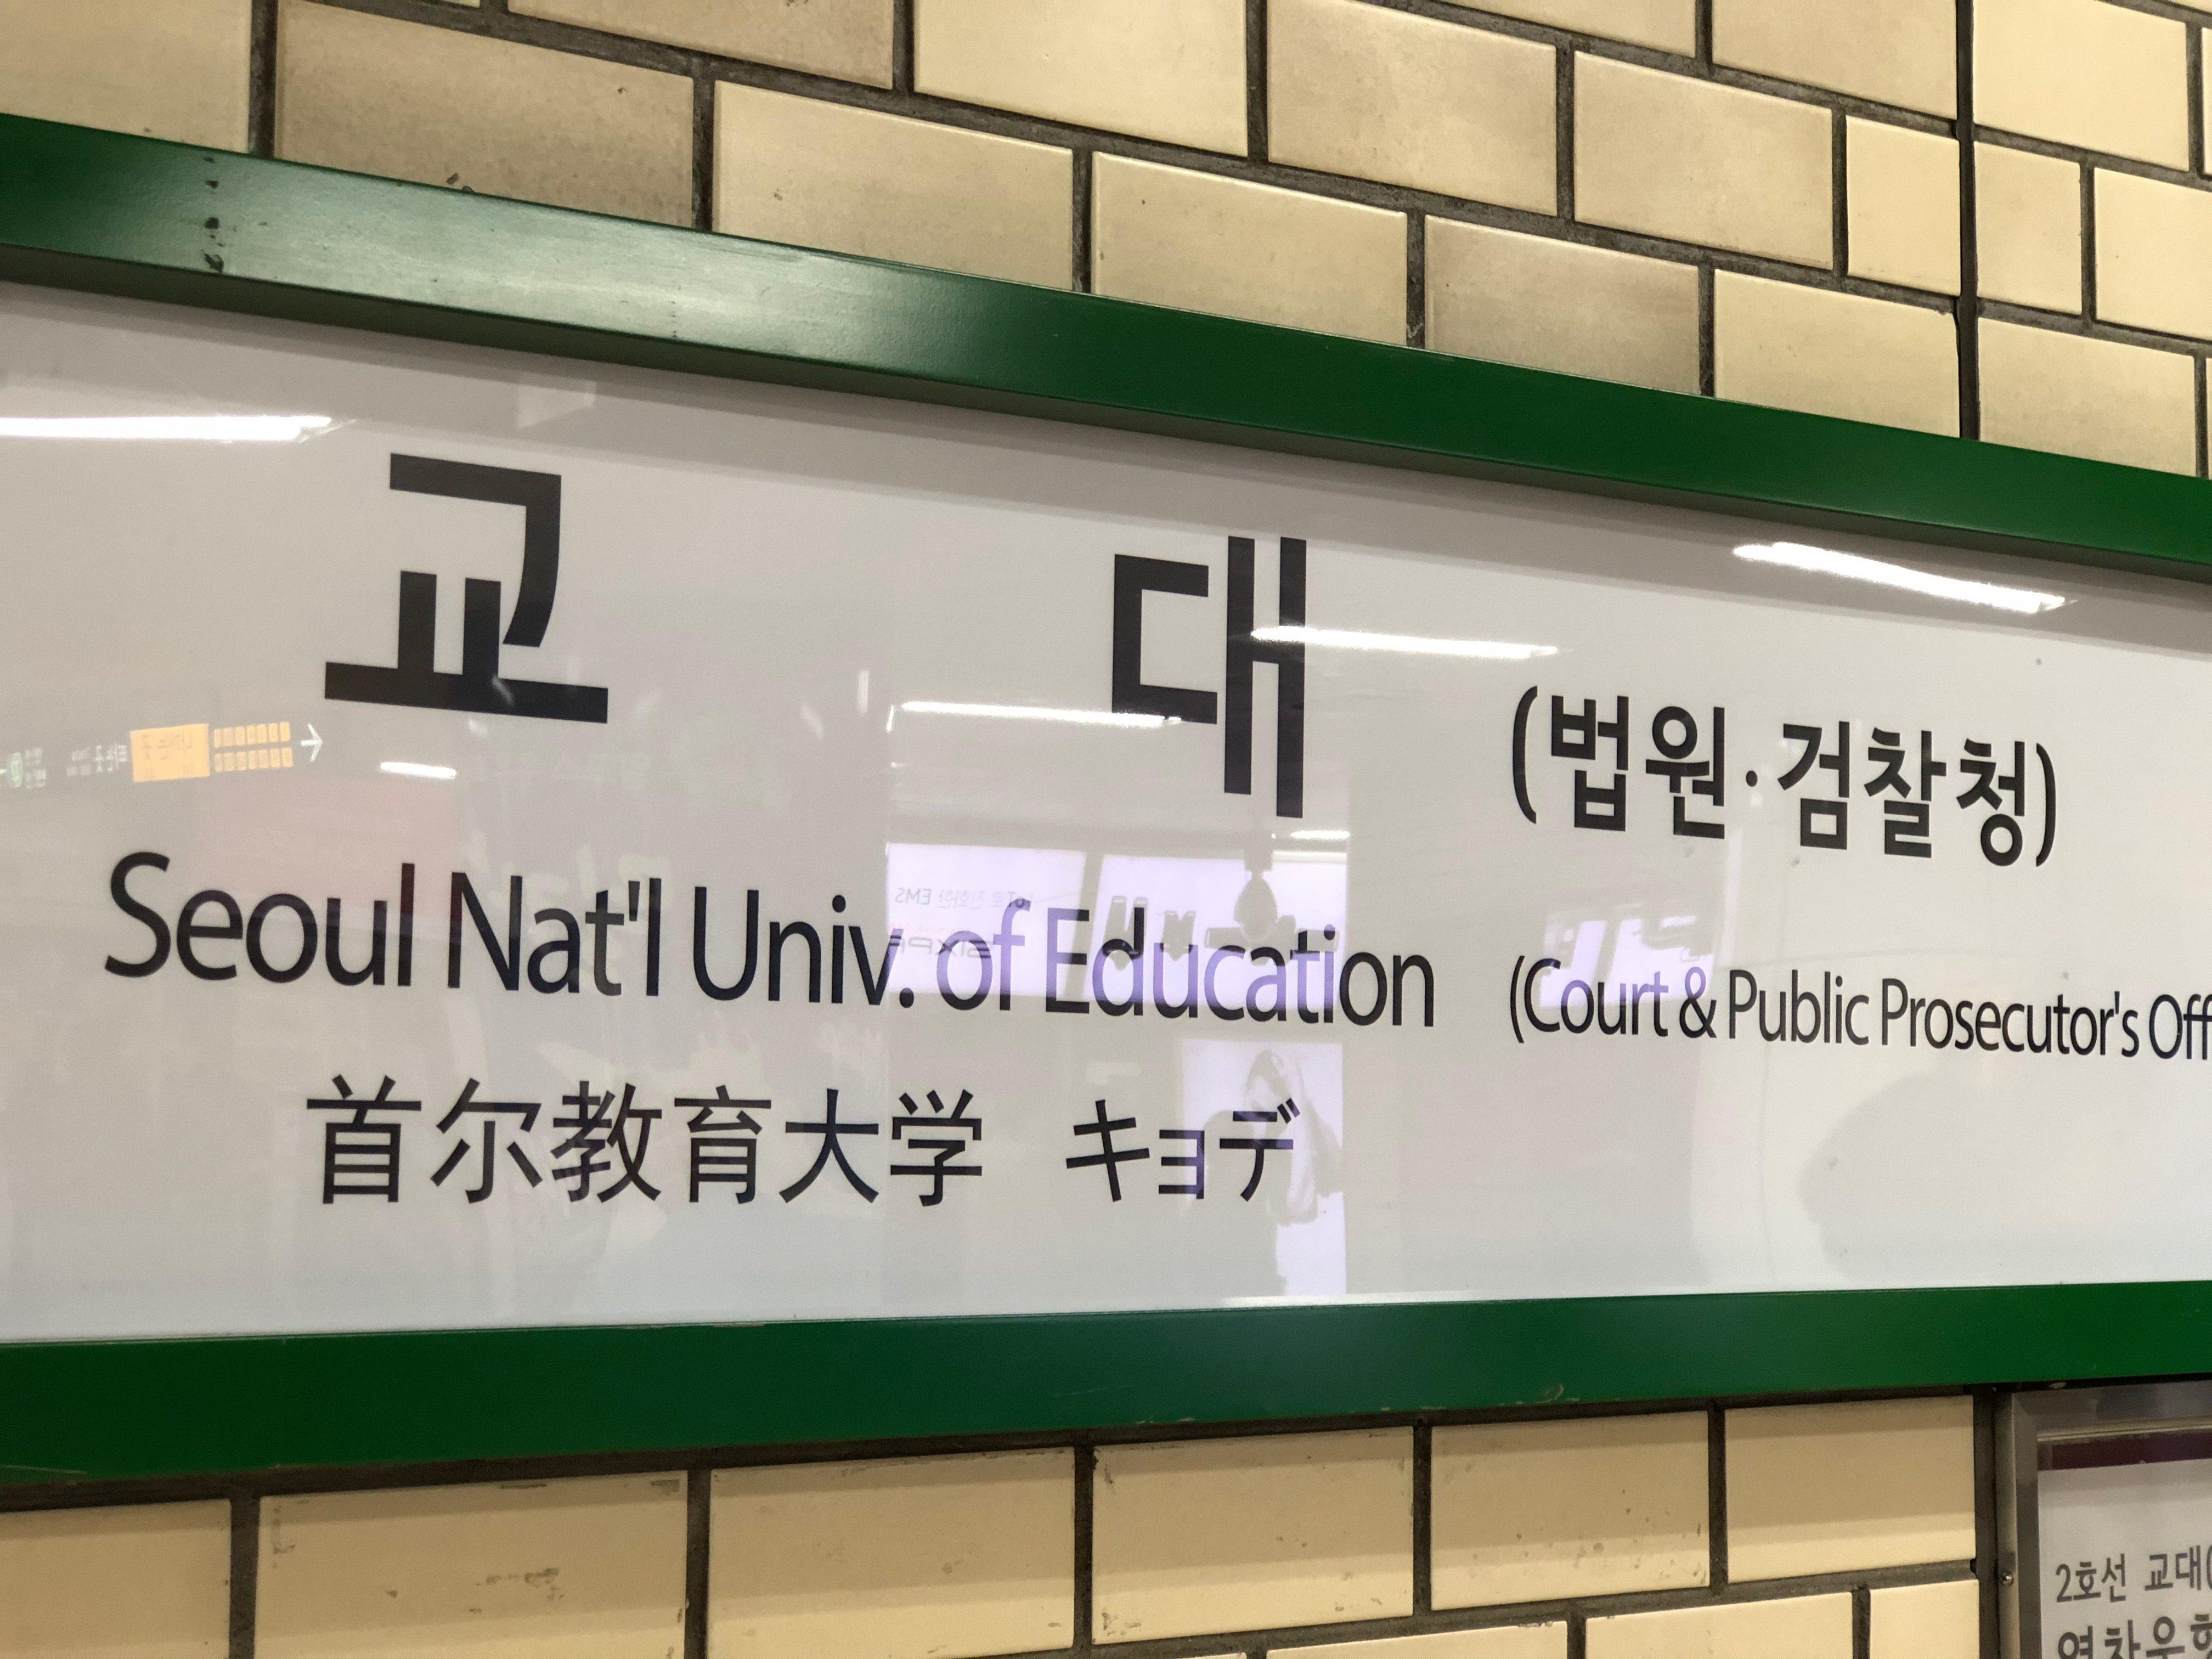 地下铁 教大站 下车